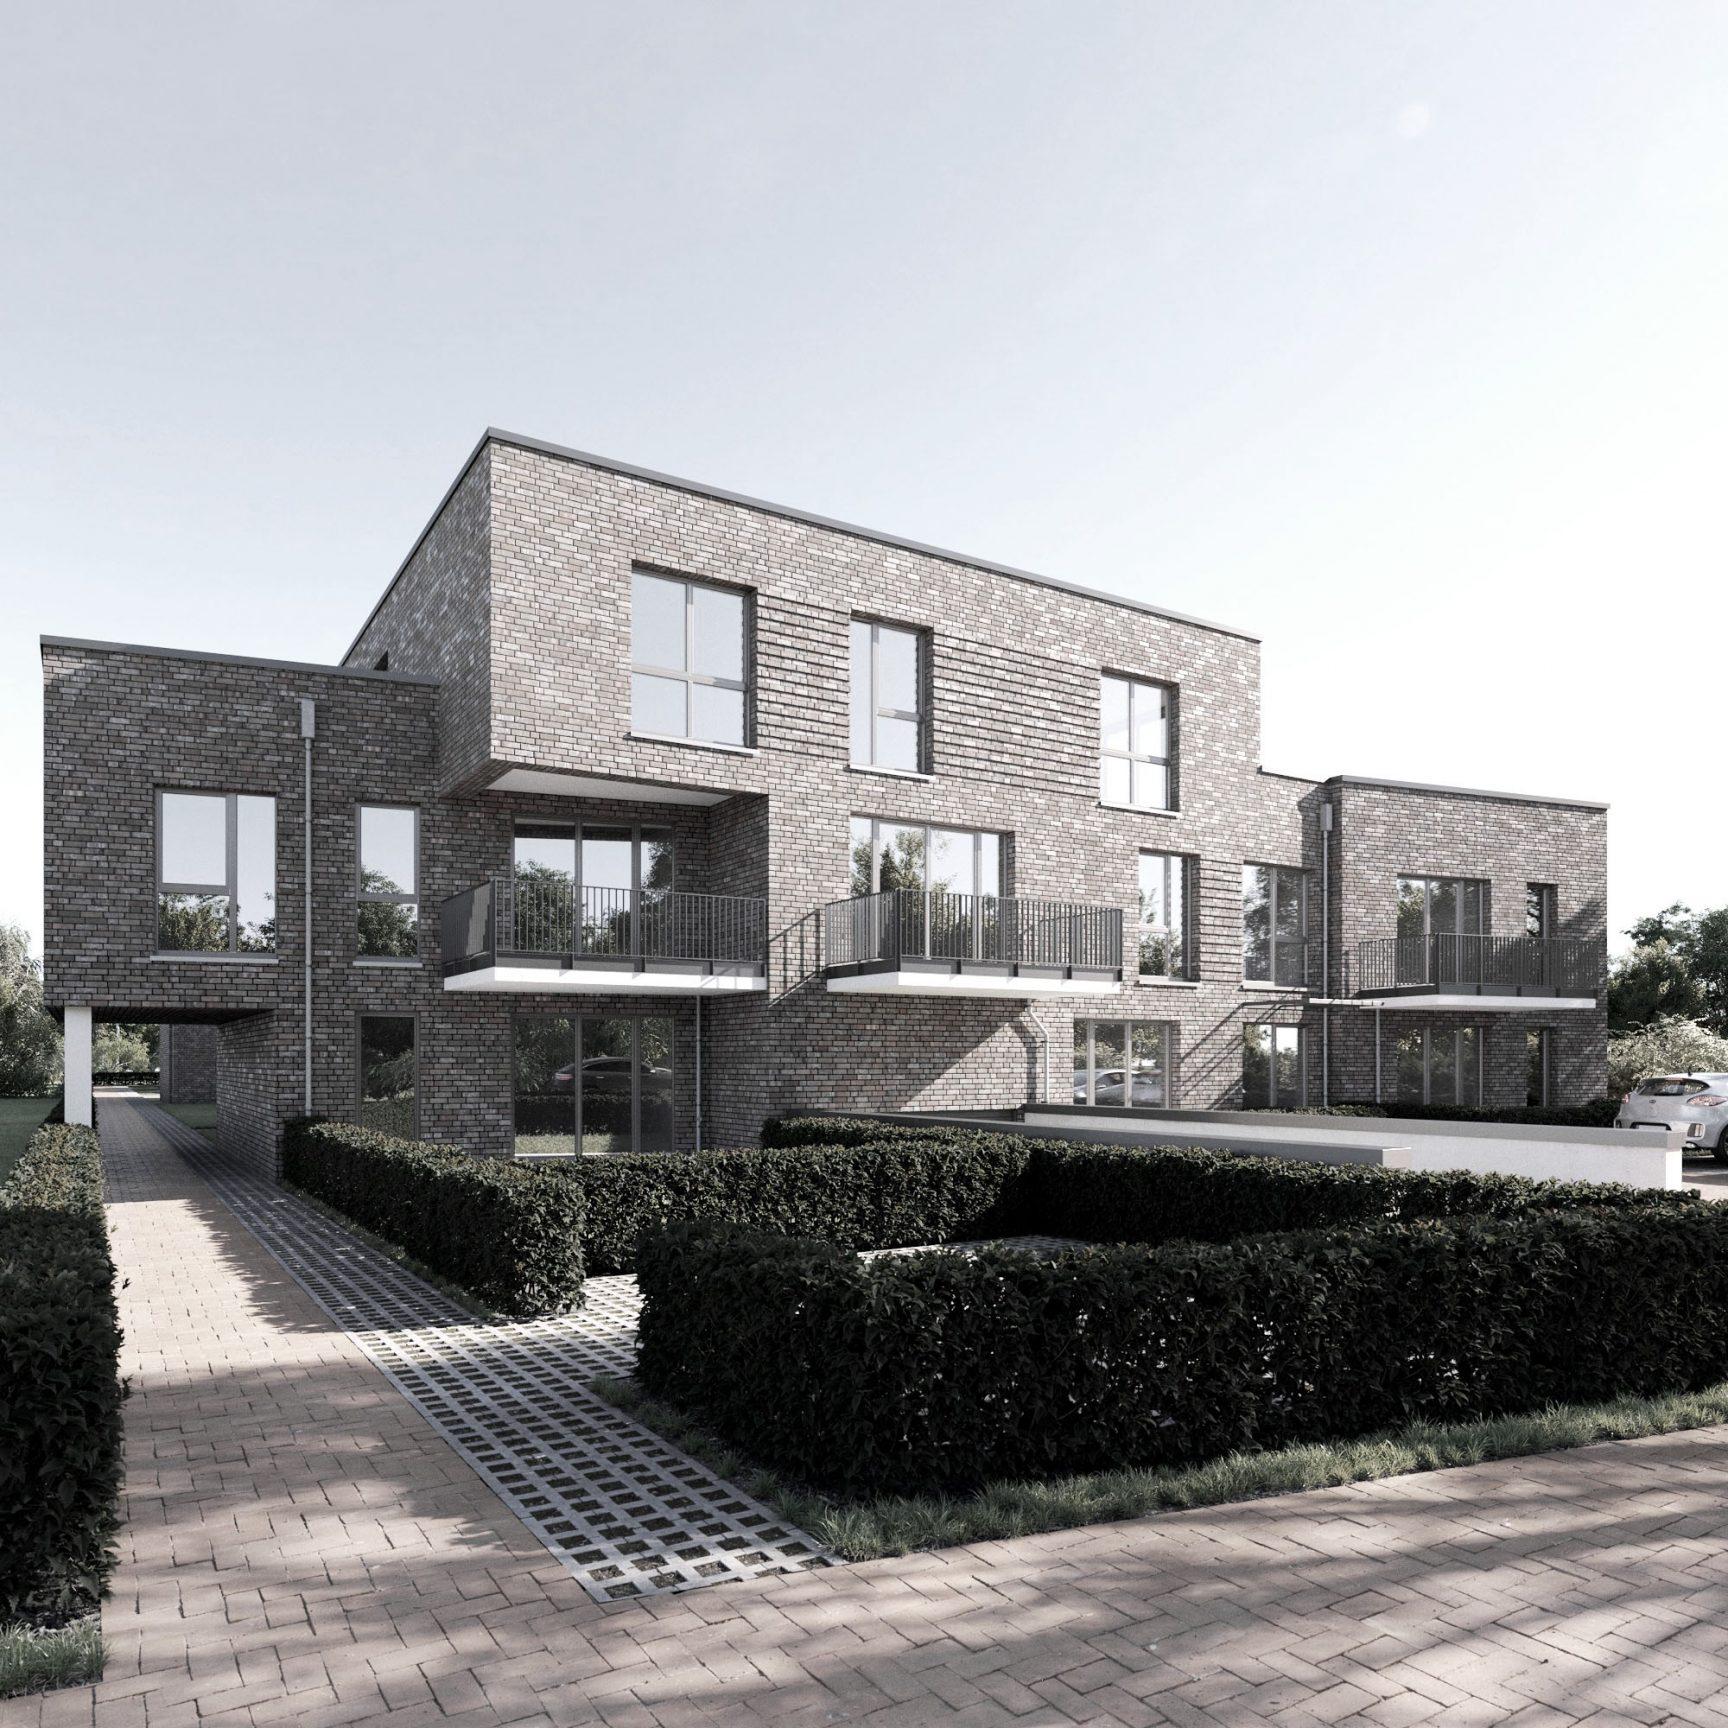 Neubau Wohngebäude Baustart erfolgt in kürze Hamburg